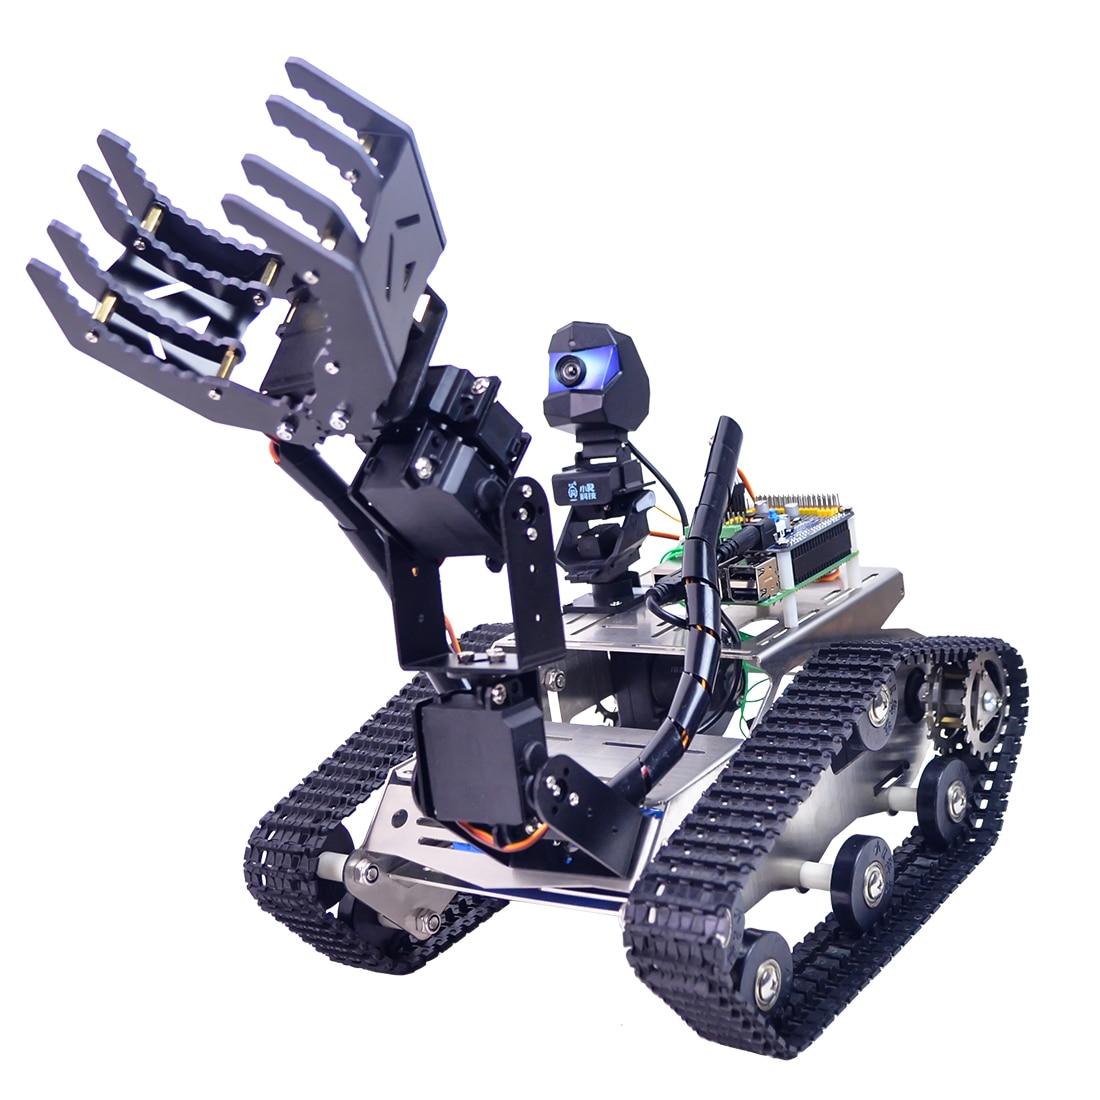 surwish programavel brinquedos para criancas wifi fpv tanque robot car kit com arm para arduino